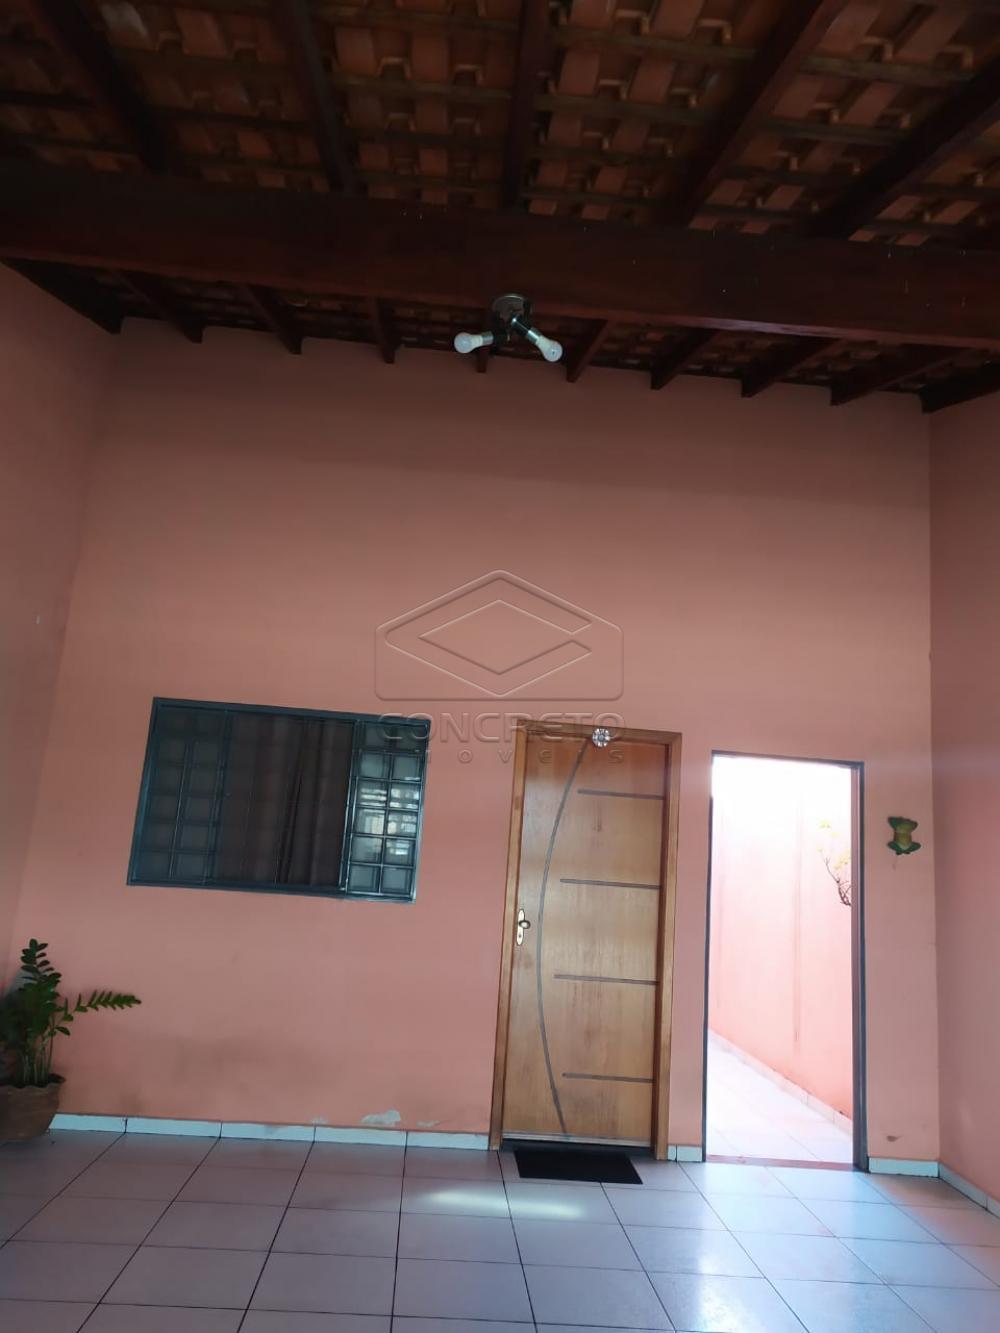 Comprar Casa / Padrão em Bauru apenas R$ 208.000,00 - Foto 3